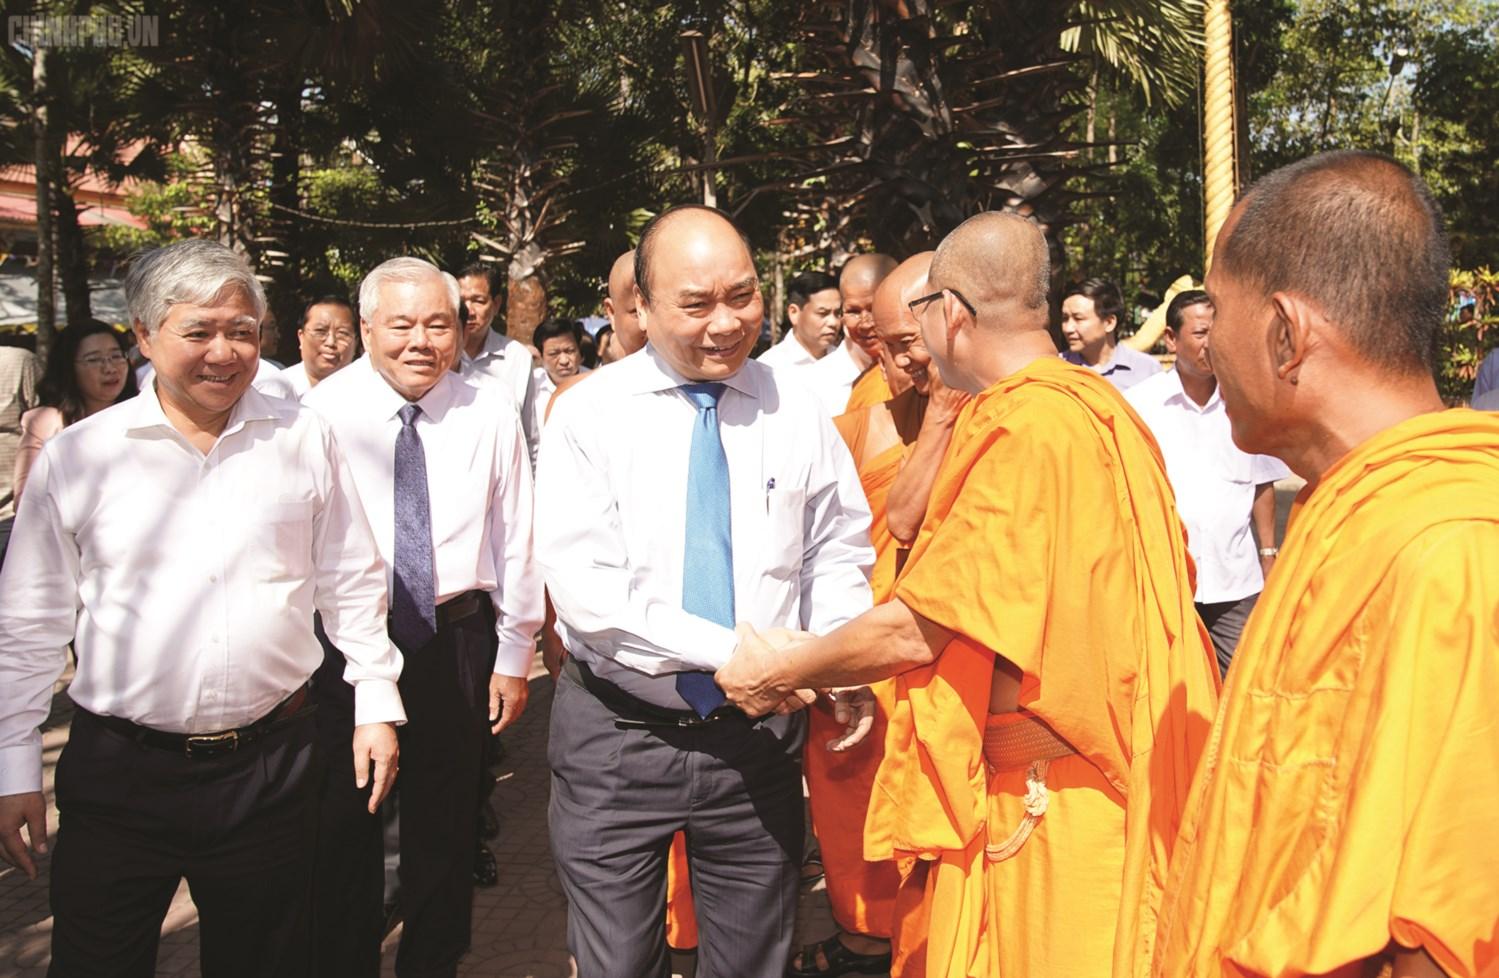 Thủ tướng Nguyễn Xuân Phúc và đoàn công tác Chính phủ thăm hỏi, chúc Tết các vị sư sãi chùa Botum Vongsa Som Rong (Sóc Trăng) nhân dịp tết Chôl Chnăm Thmây năm 2019